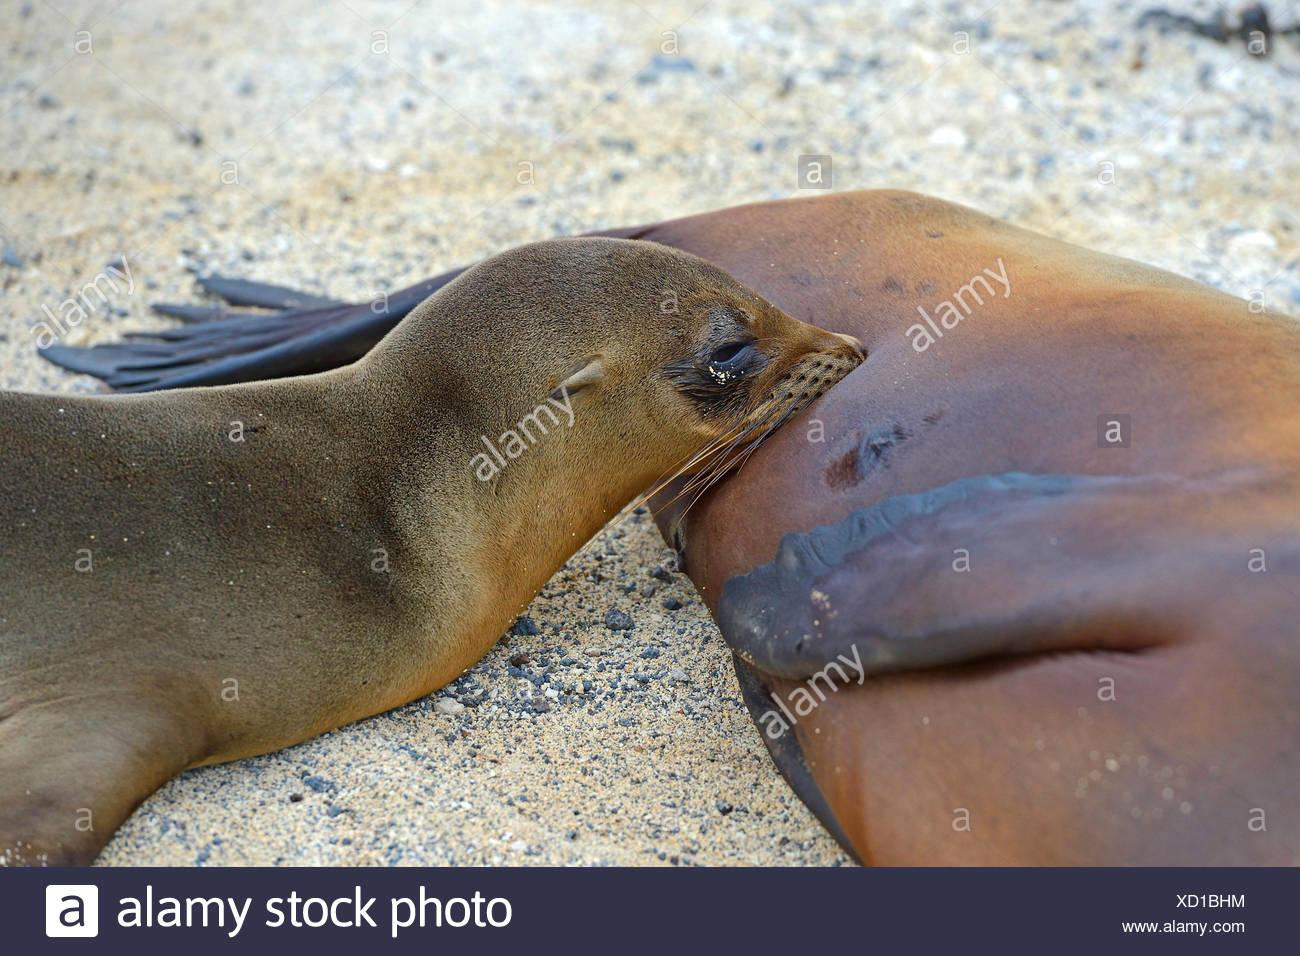 Galapagos-Seeloewe, Galapagosseeloewe (Zalophus californianus wollebaeki, Zalophus wollebaeki), Junges saeugt bei Mutter, Portra - Stock Image